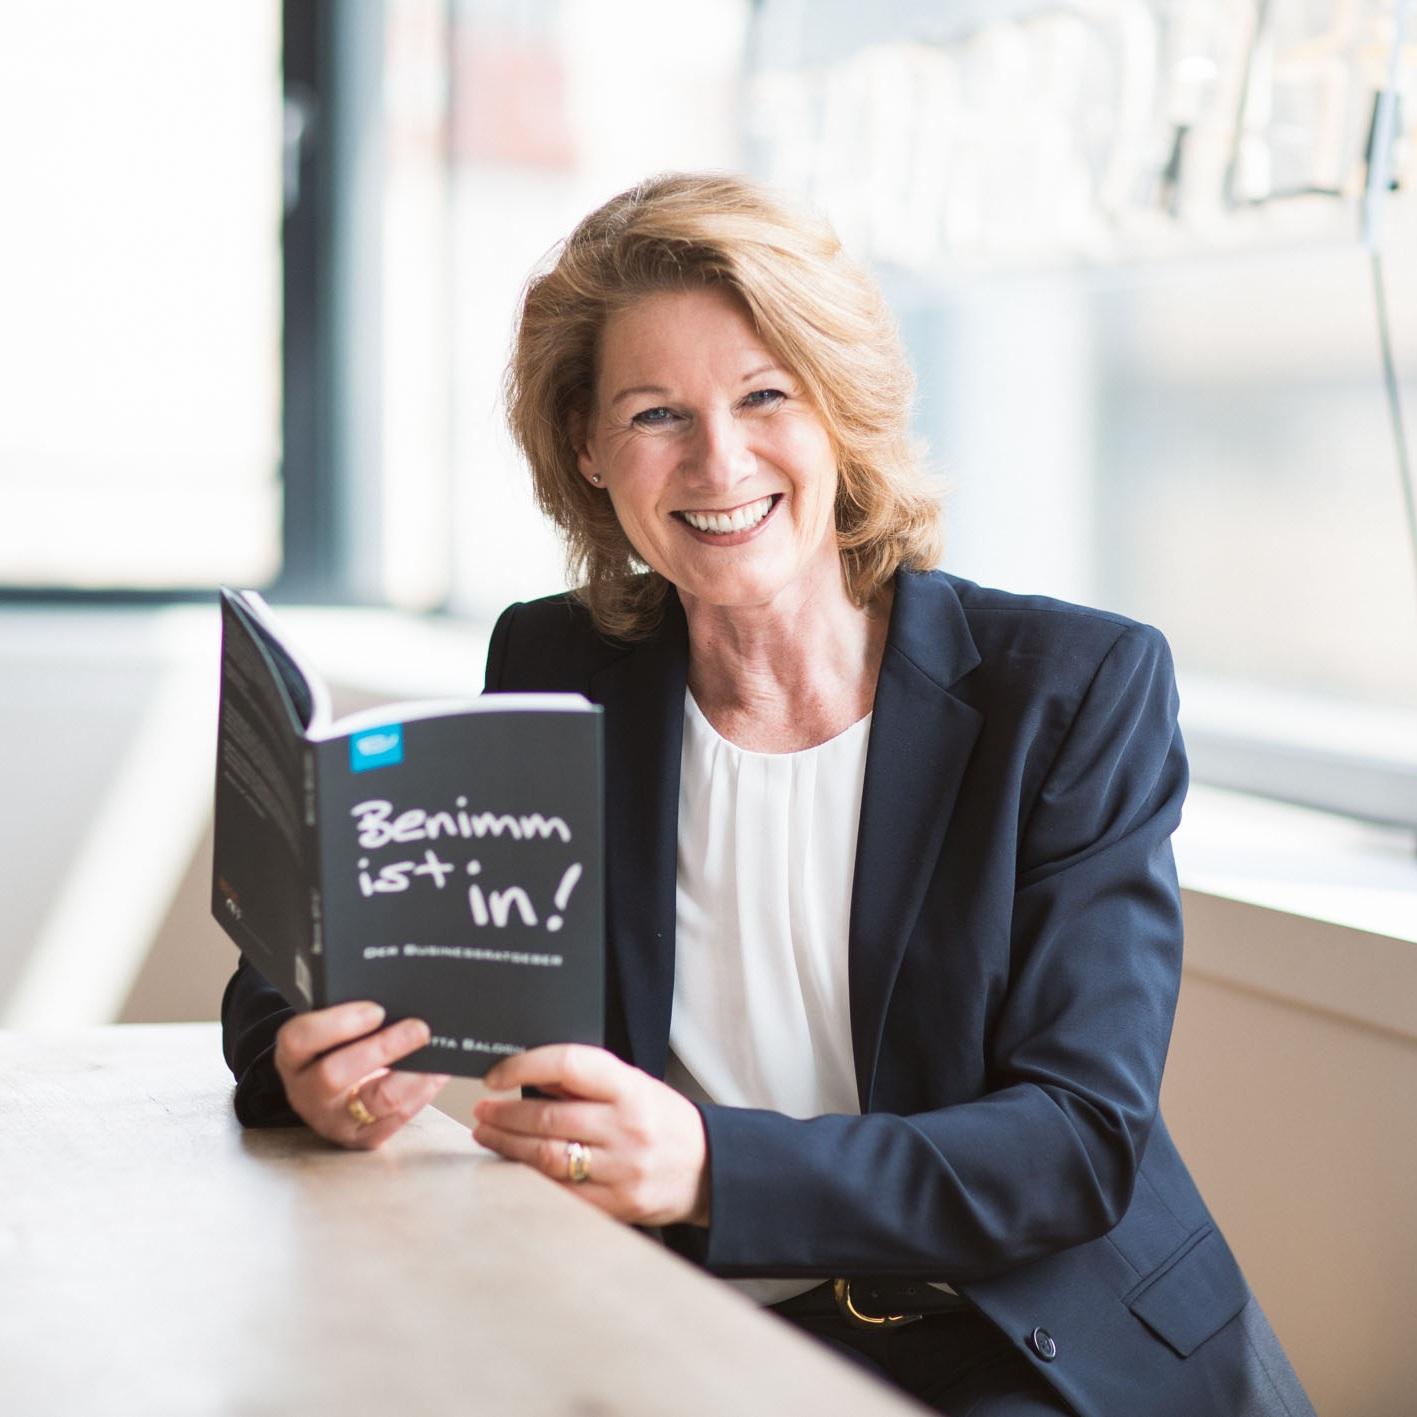 Britta-Balogh_-_Seminare_-_Benimm-ist-in–Business-Etikette_-_Foto-DAVID-SONNTAG-2019.jpg